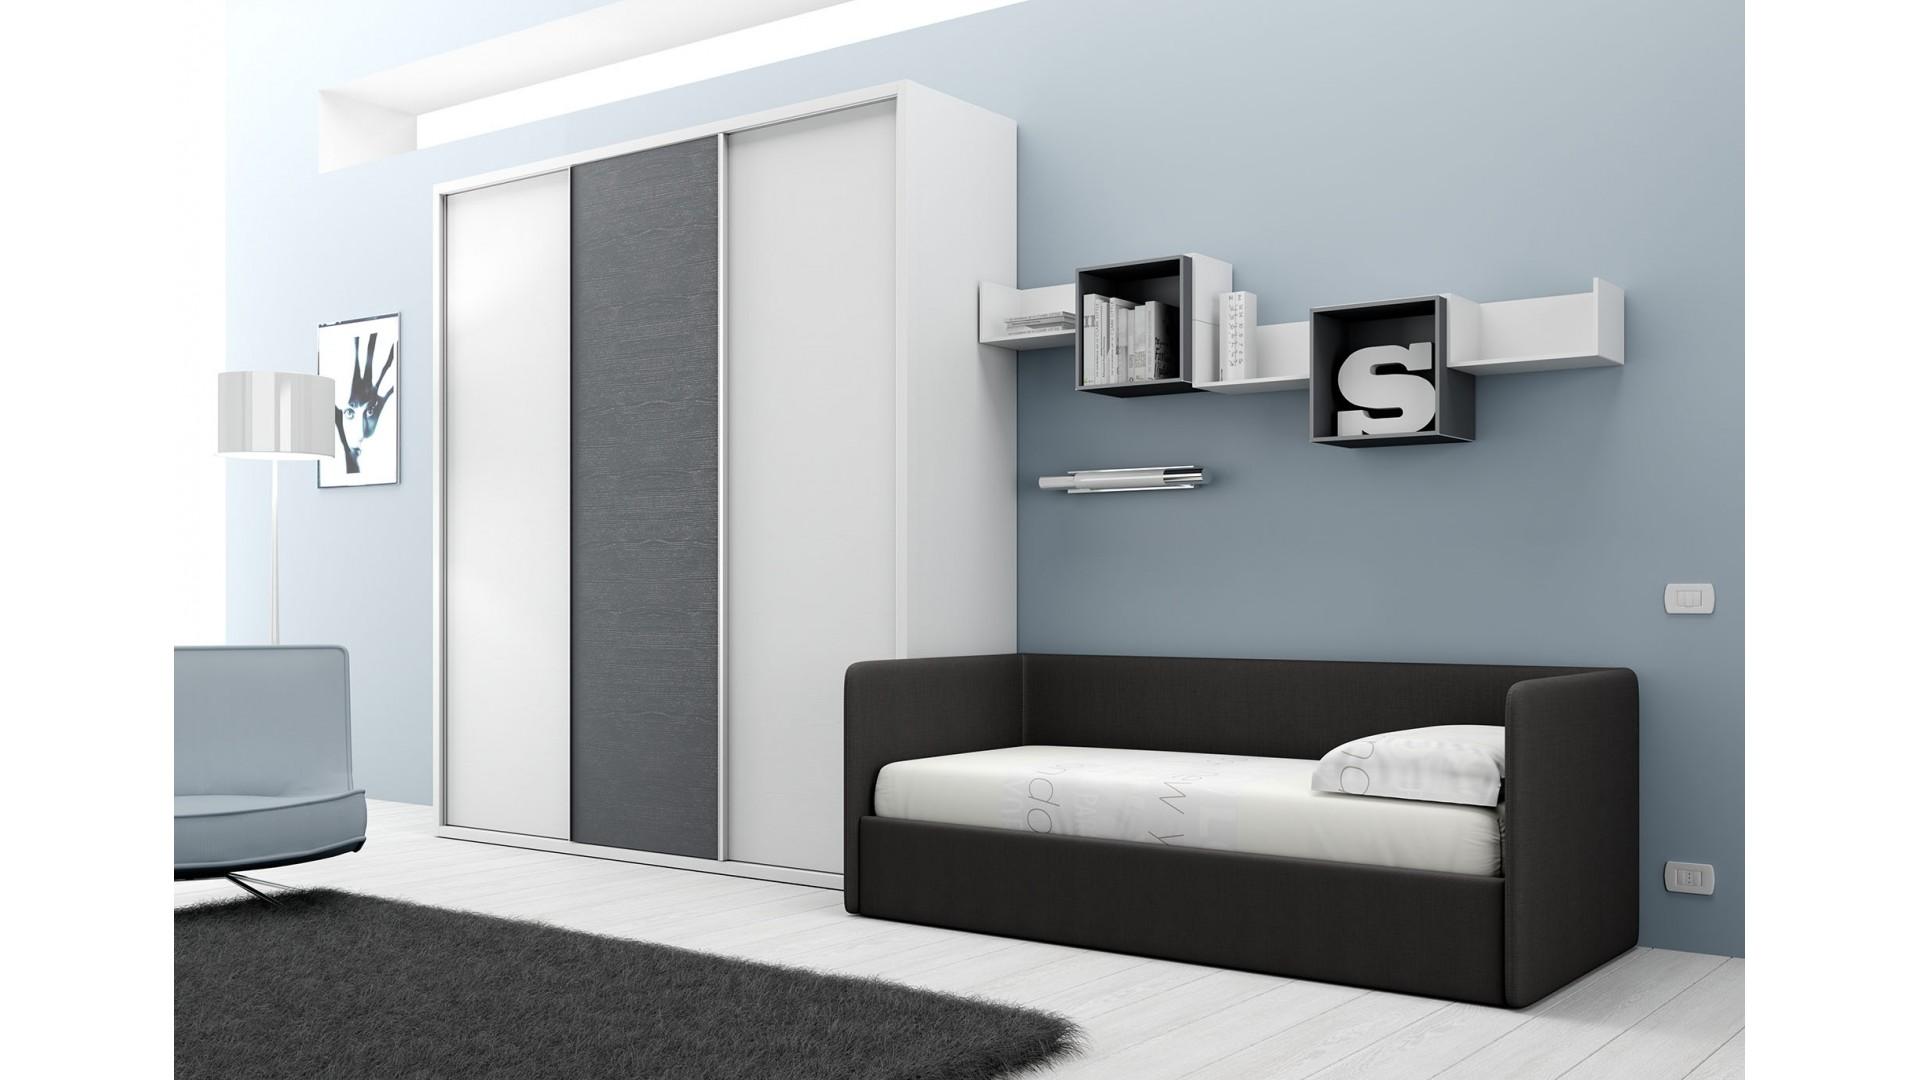 chambre avec lit canap et armoire moretti compact so nuit. Black Bedroom Furniture Sets. Home Design Ideas